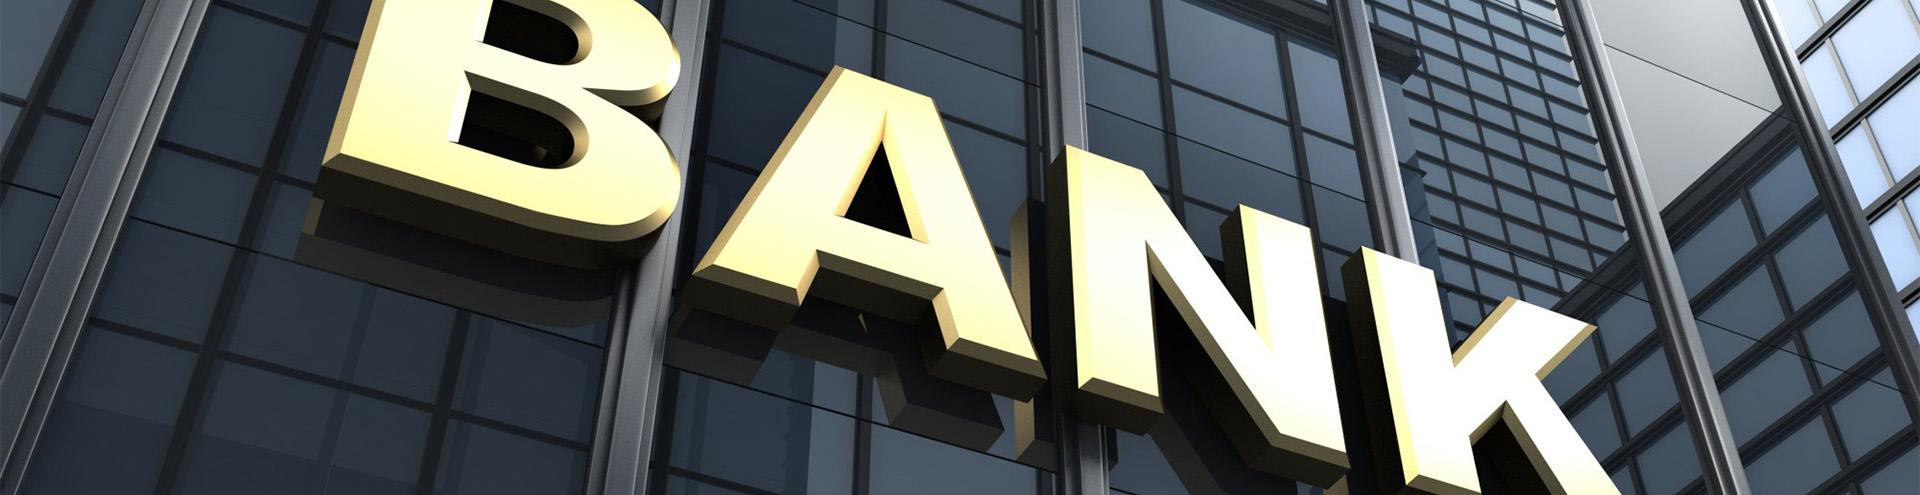 Споры с банками в Нижнем Новгороде и Нижегородской области